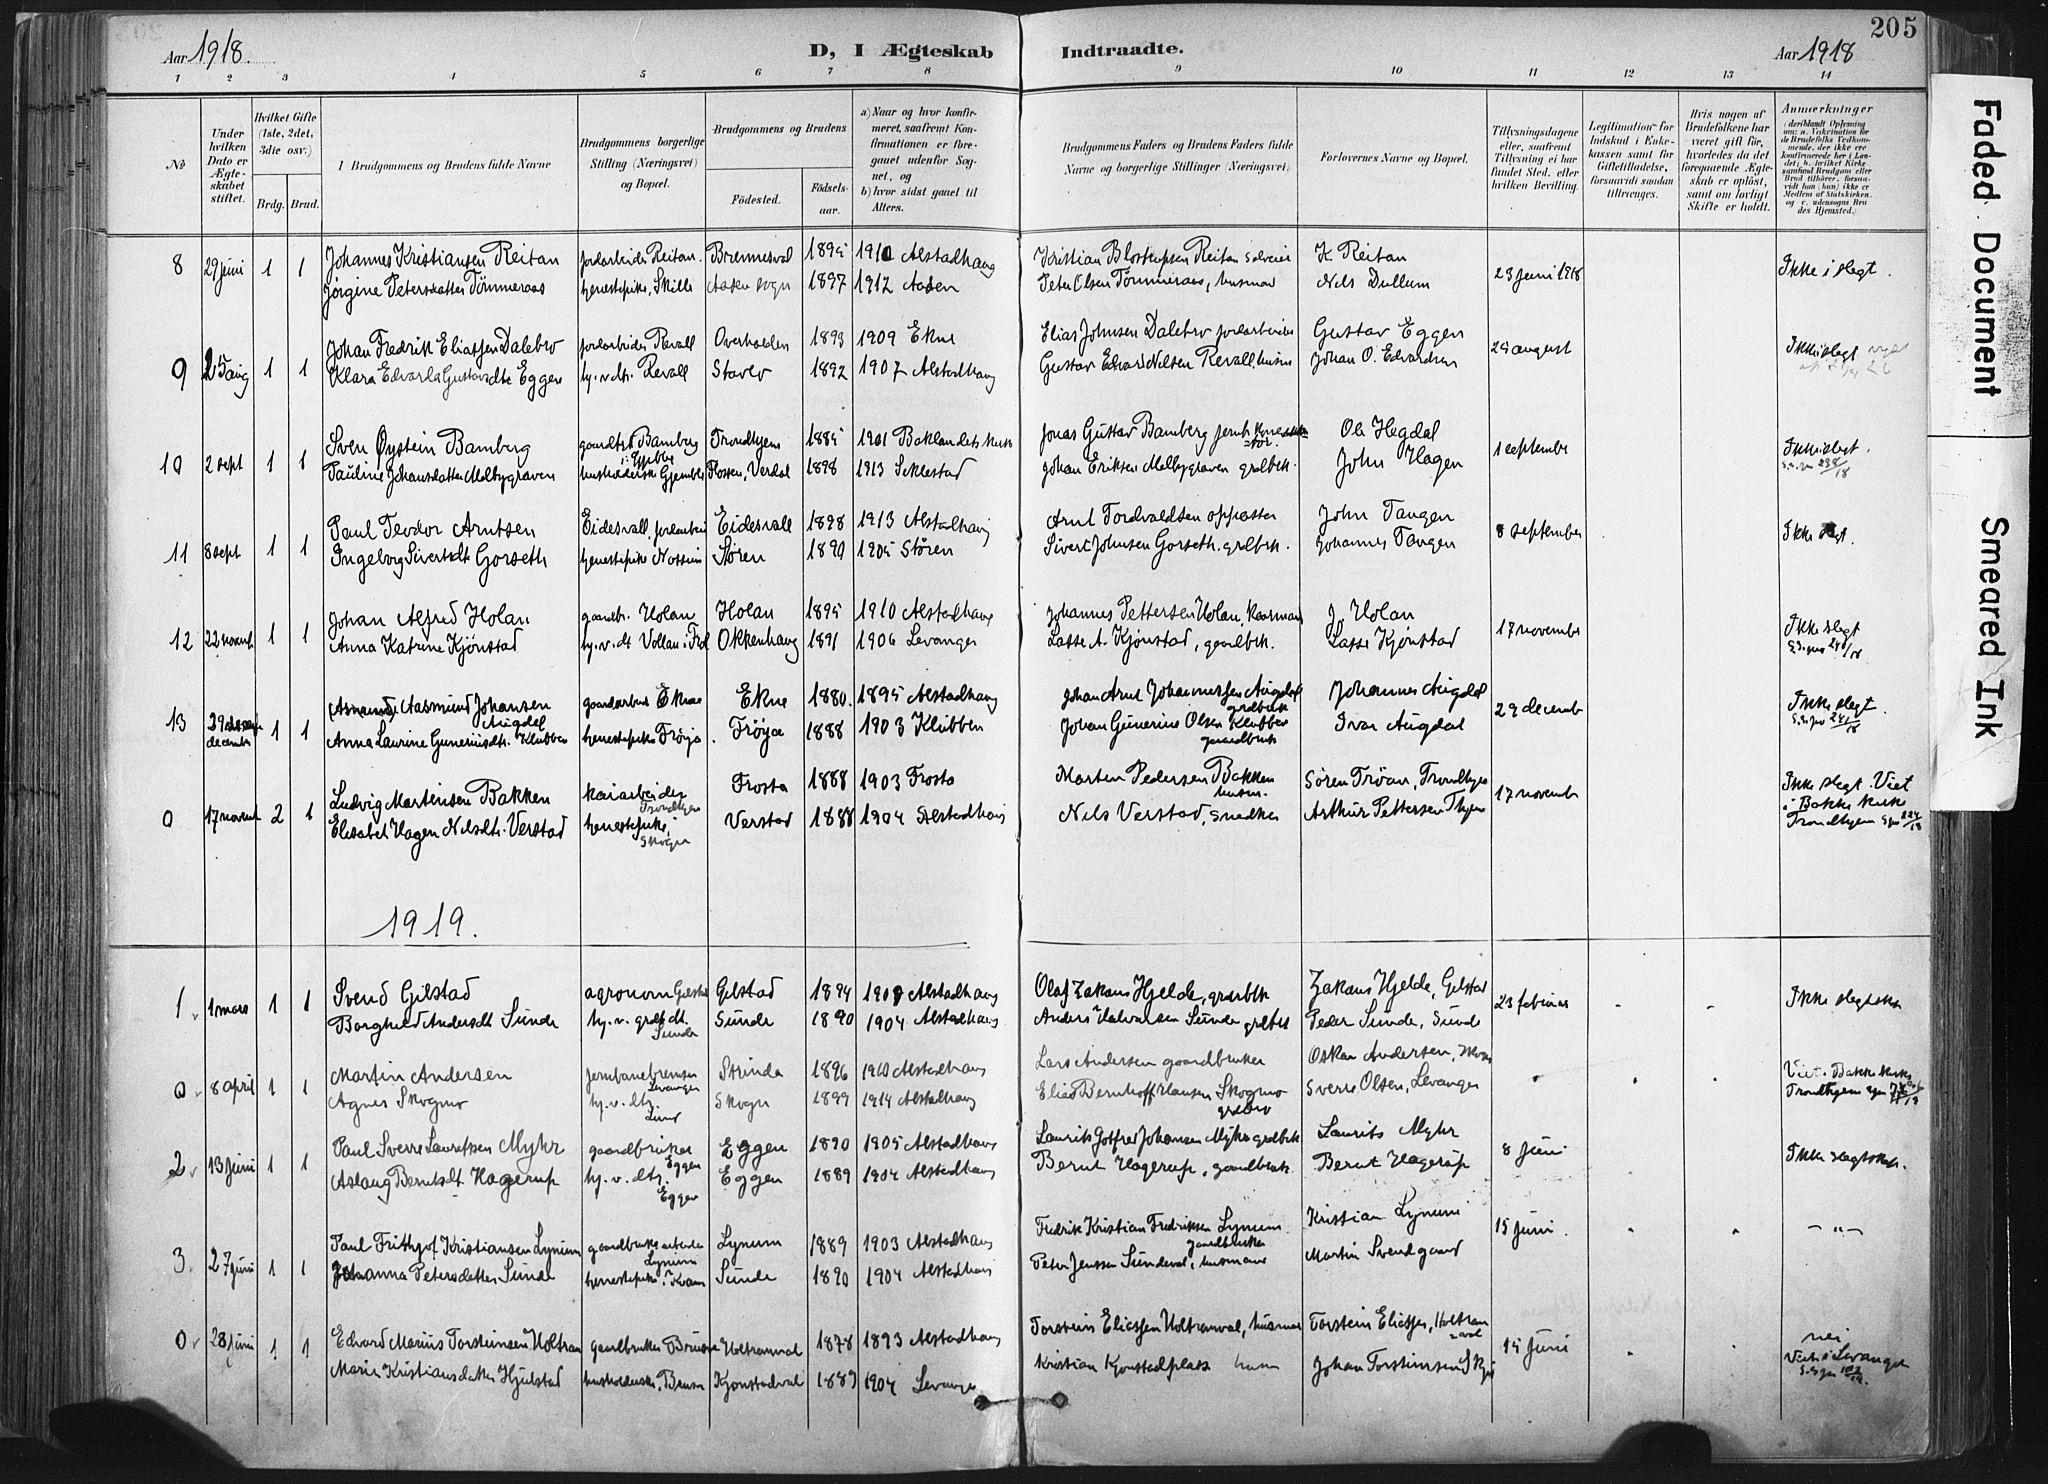 SAT, Ministerialprotokoller, klokkerbøker og fødselsregistre - Nord-Trøndelag, 717/L0162: Ministerialbok nr. 717A12, 1898-1923, s. 205